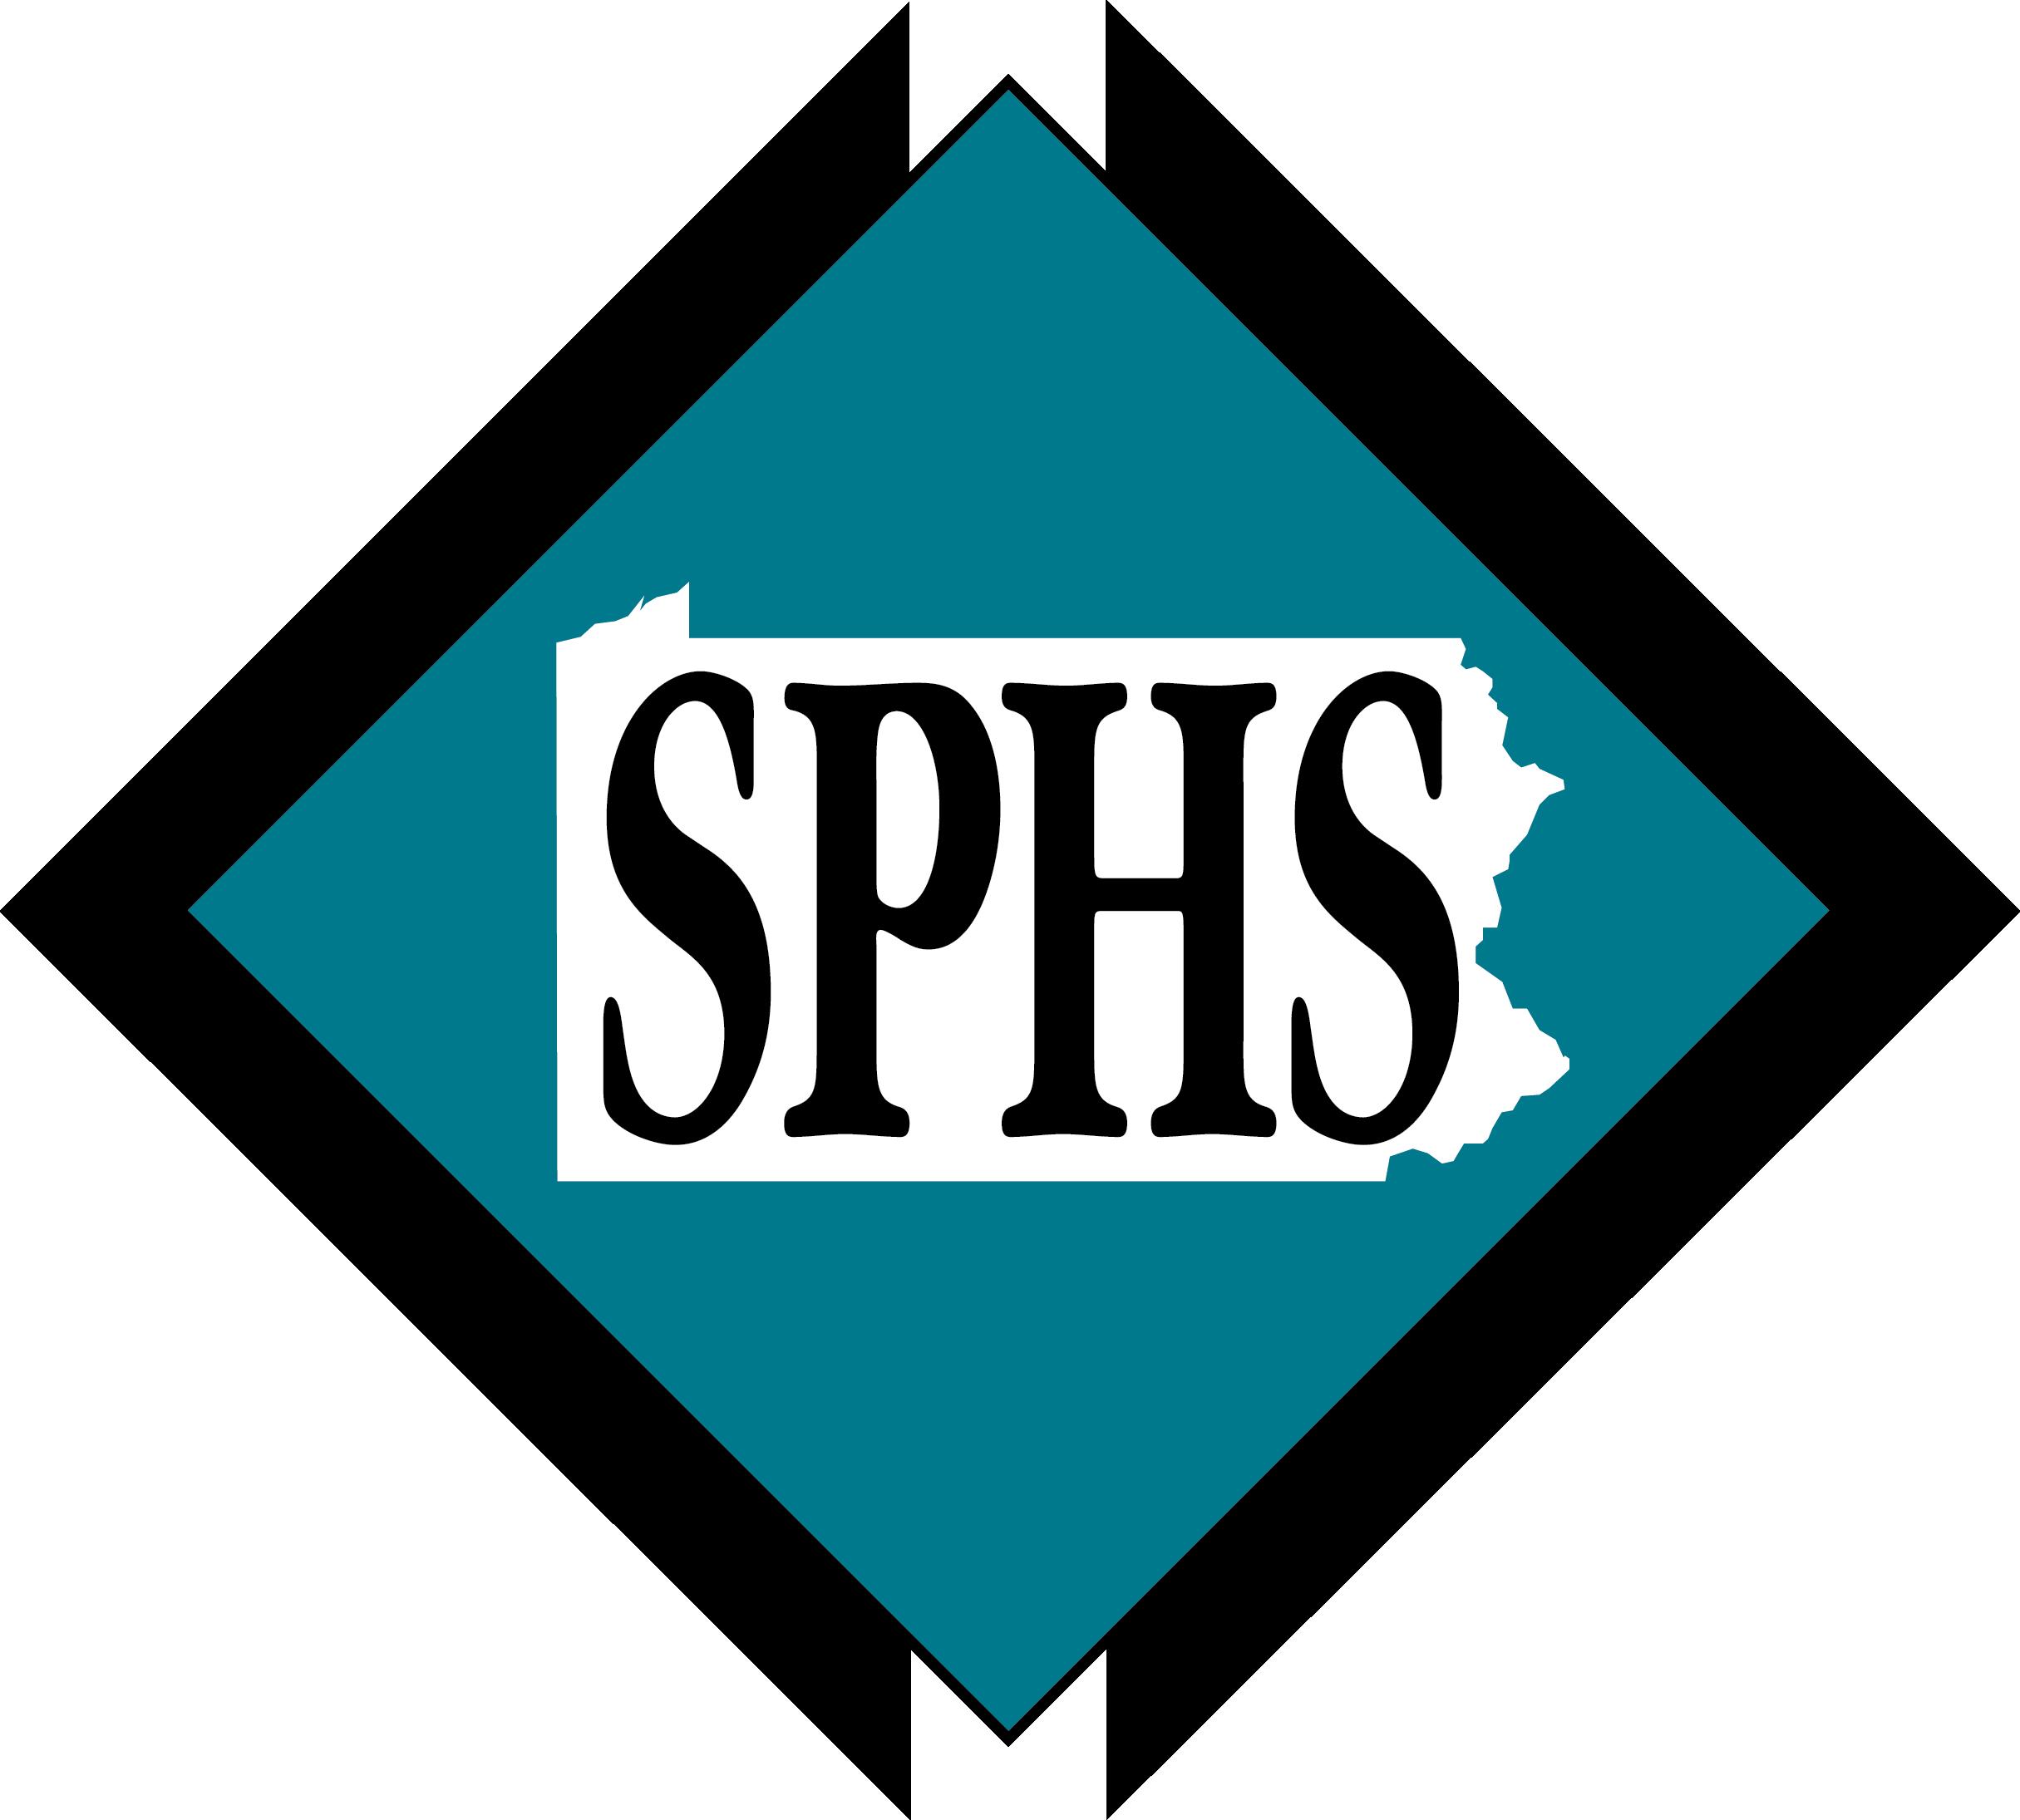 CARE   SPHS